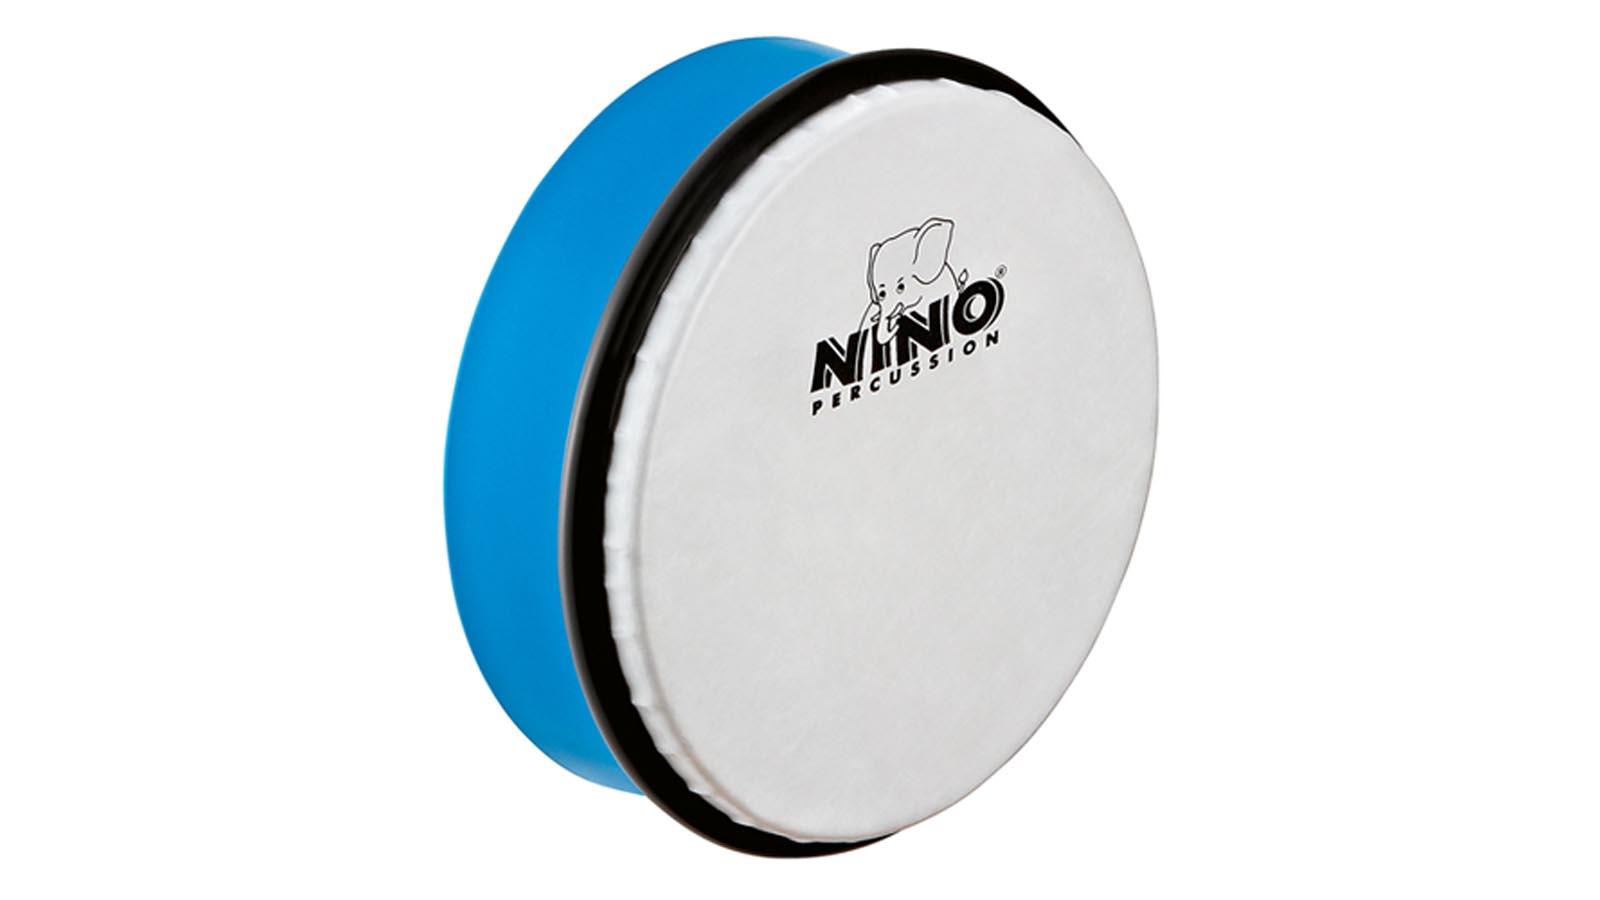 Nino ABS Handtrommel Sky-Blue 6''